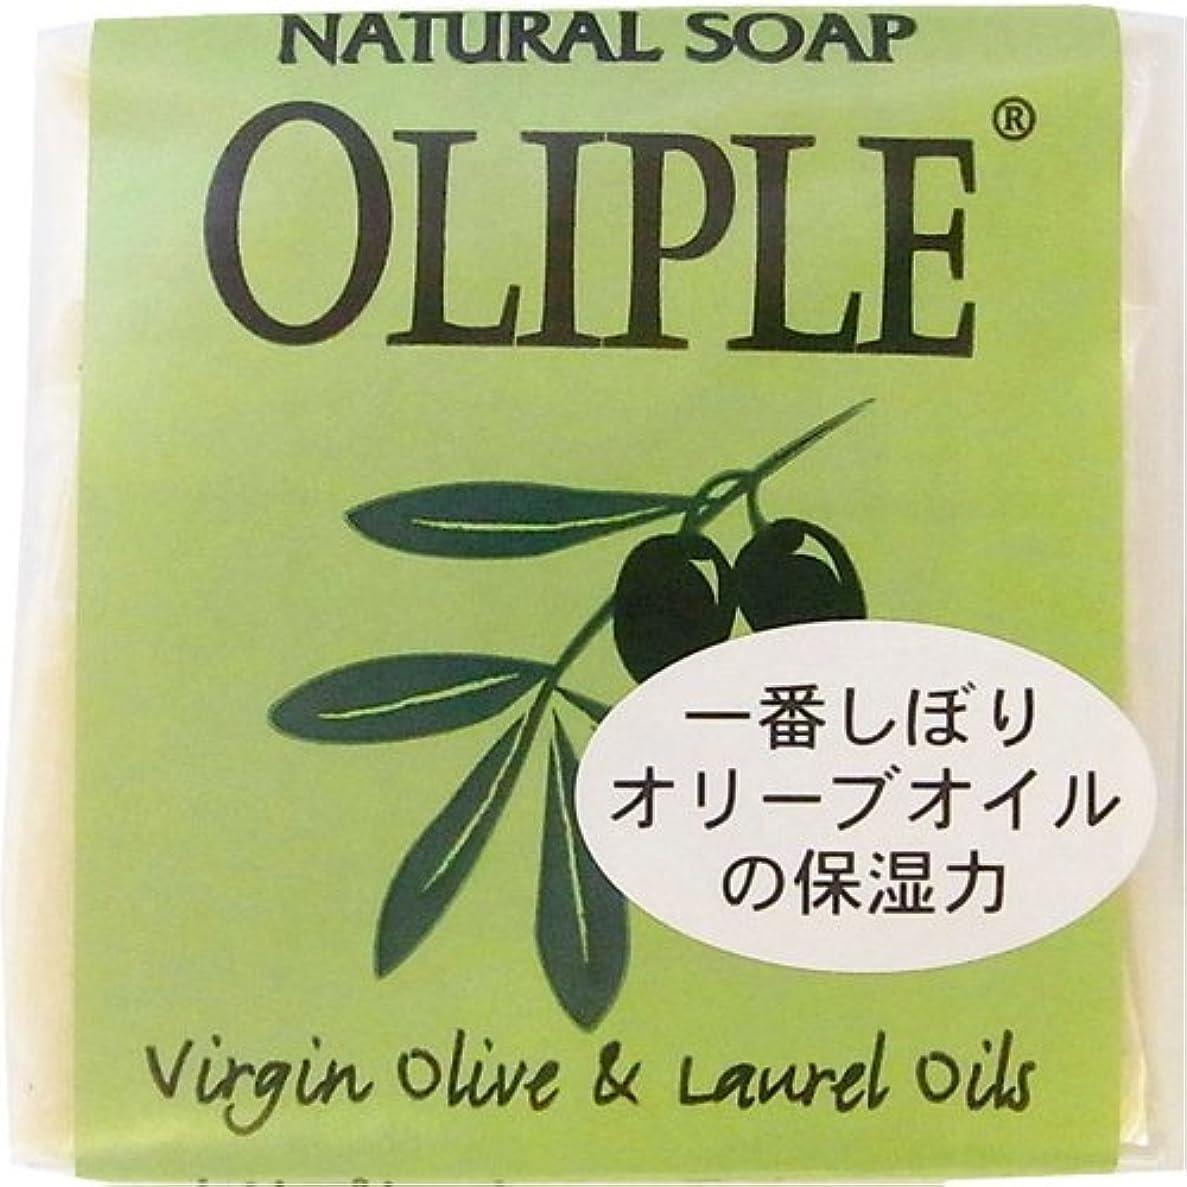 薄いです軽蔑する蒸留オリプレナチュラルソープ バージンオリーブ&月桂樹オイル ミニ 50g